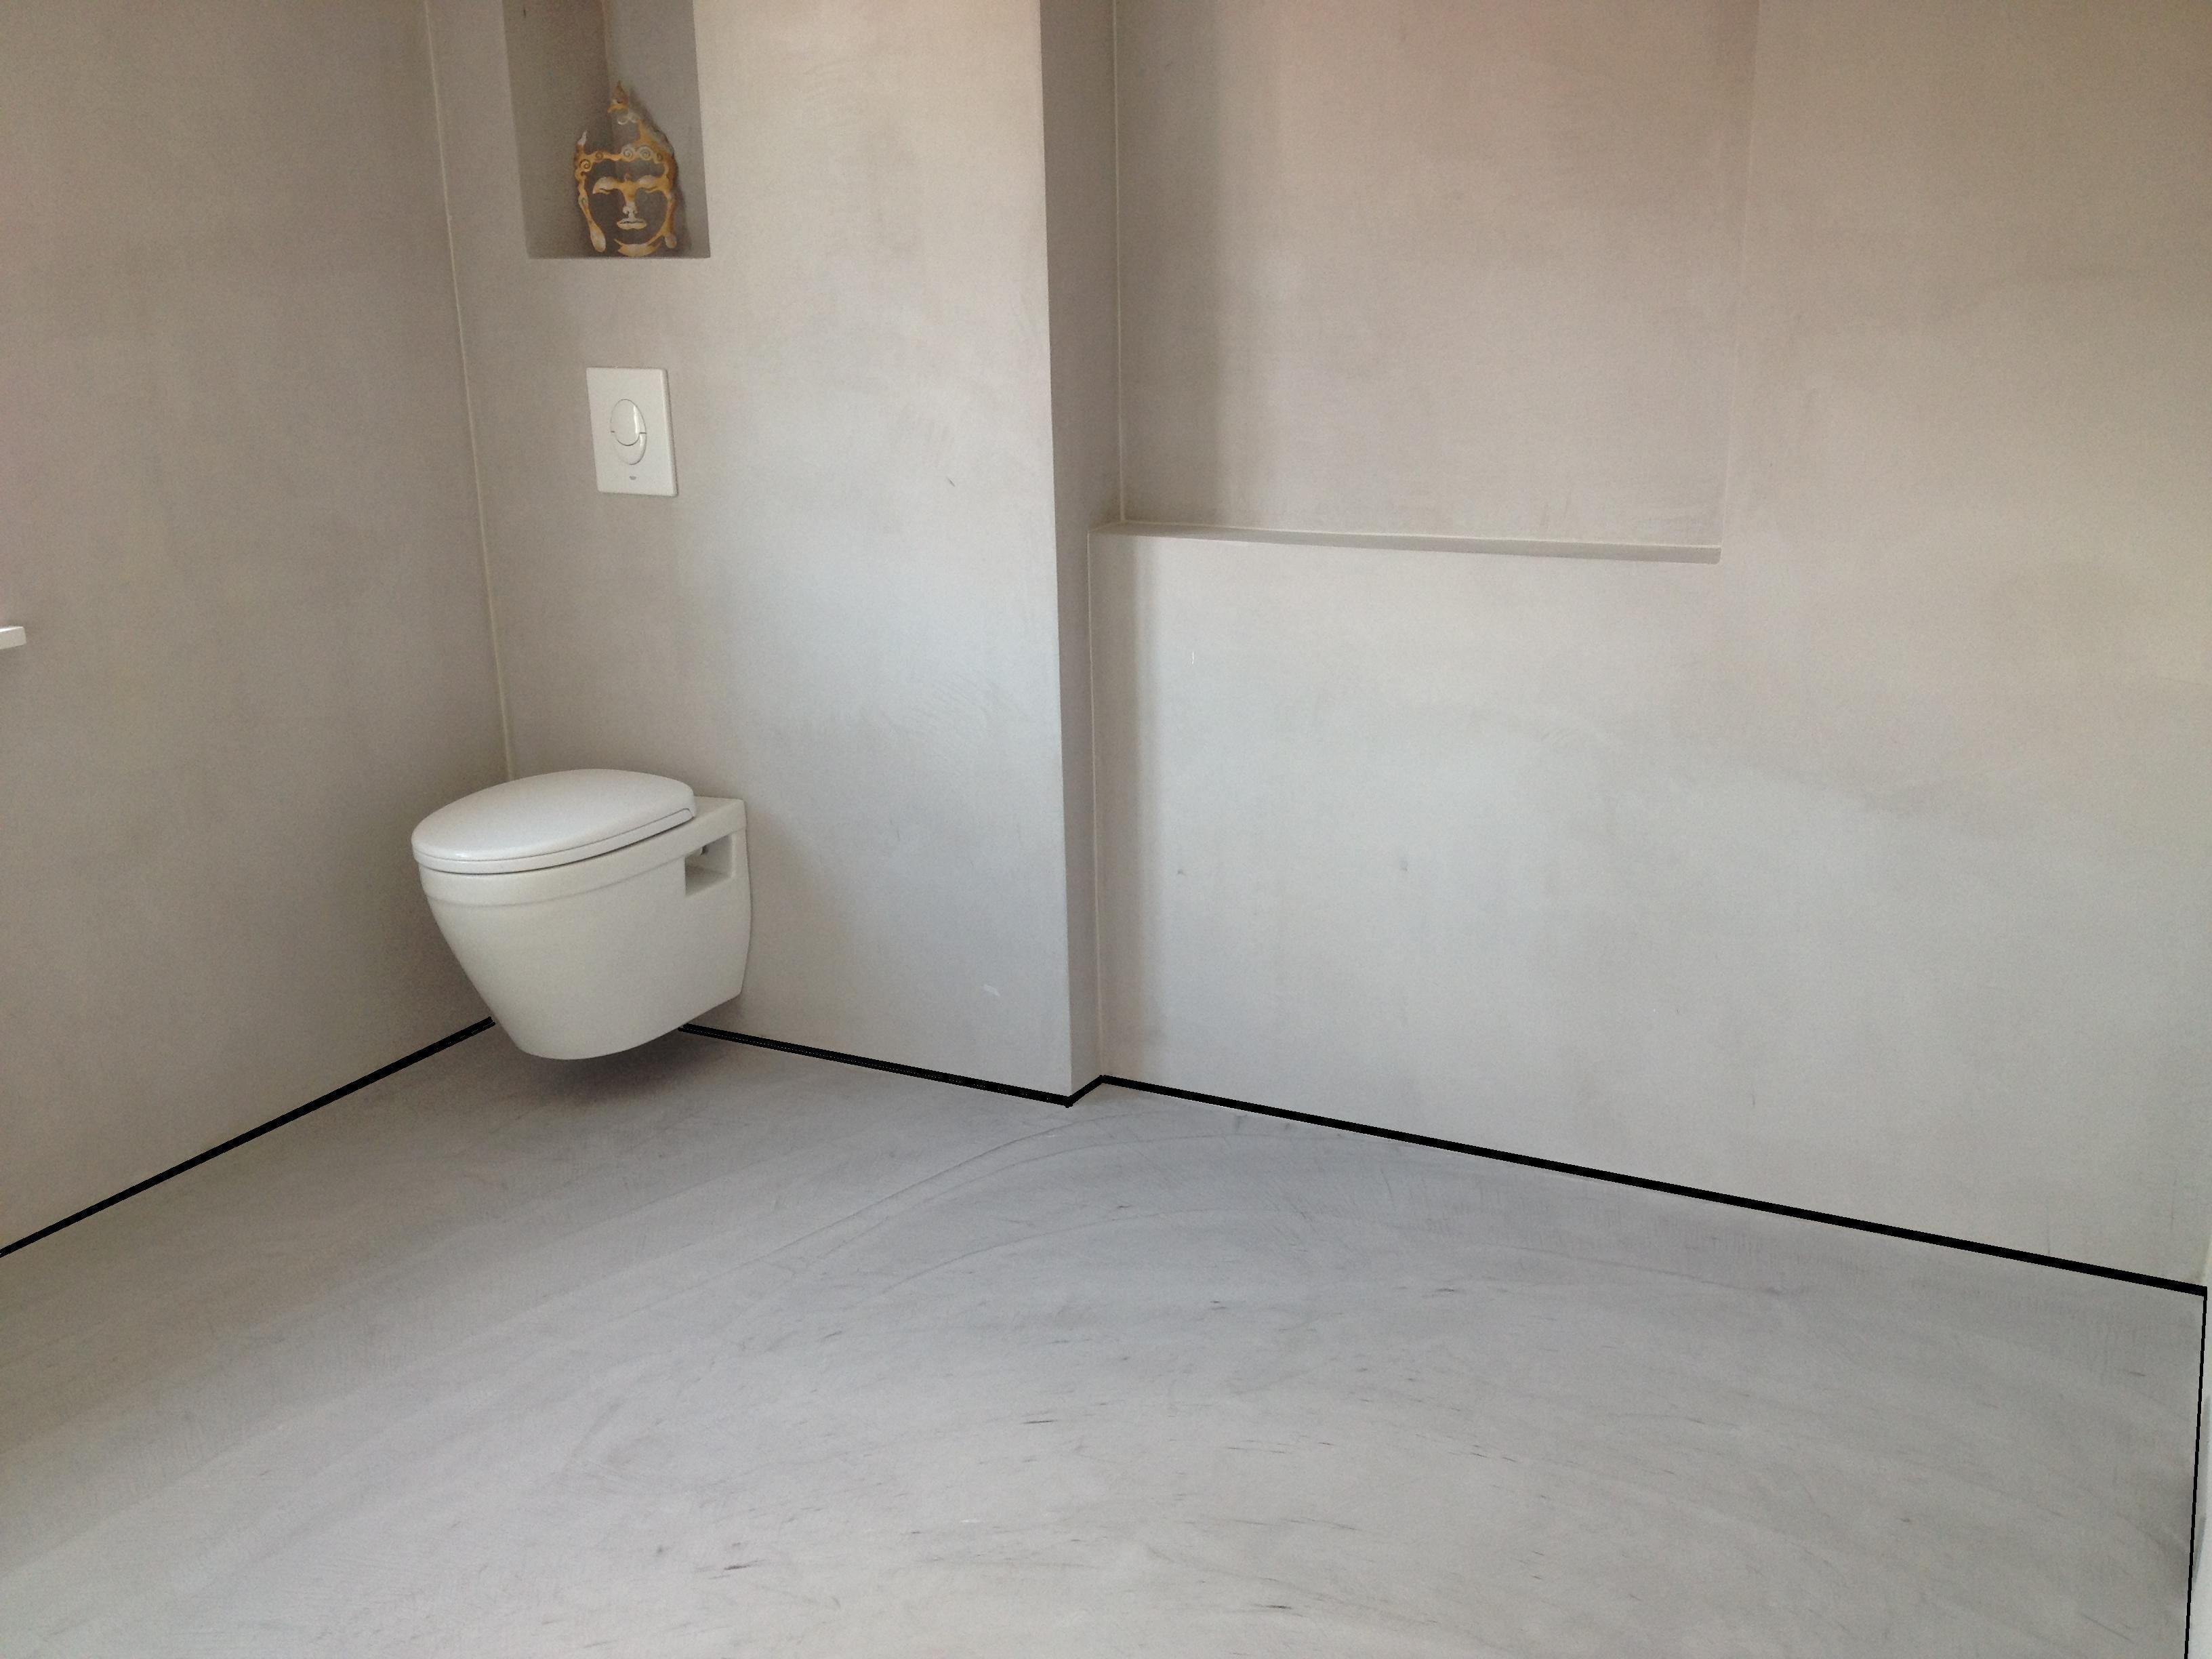 beton cire badkamer - Google zoeken | Huis: badkamer | Pinterest